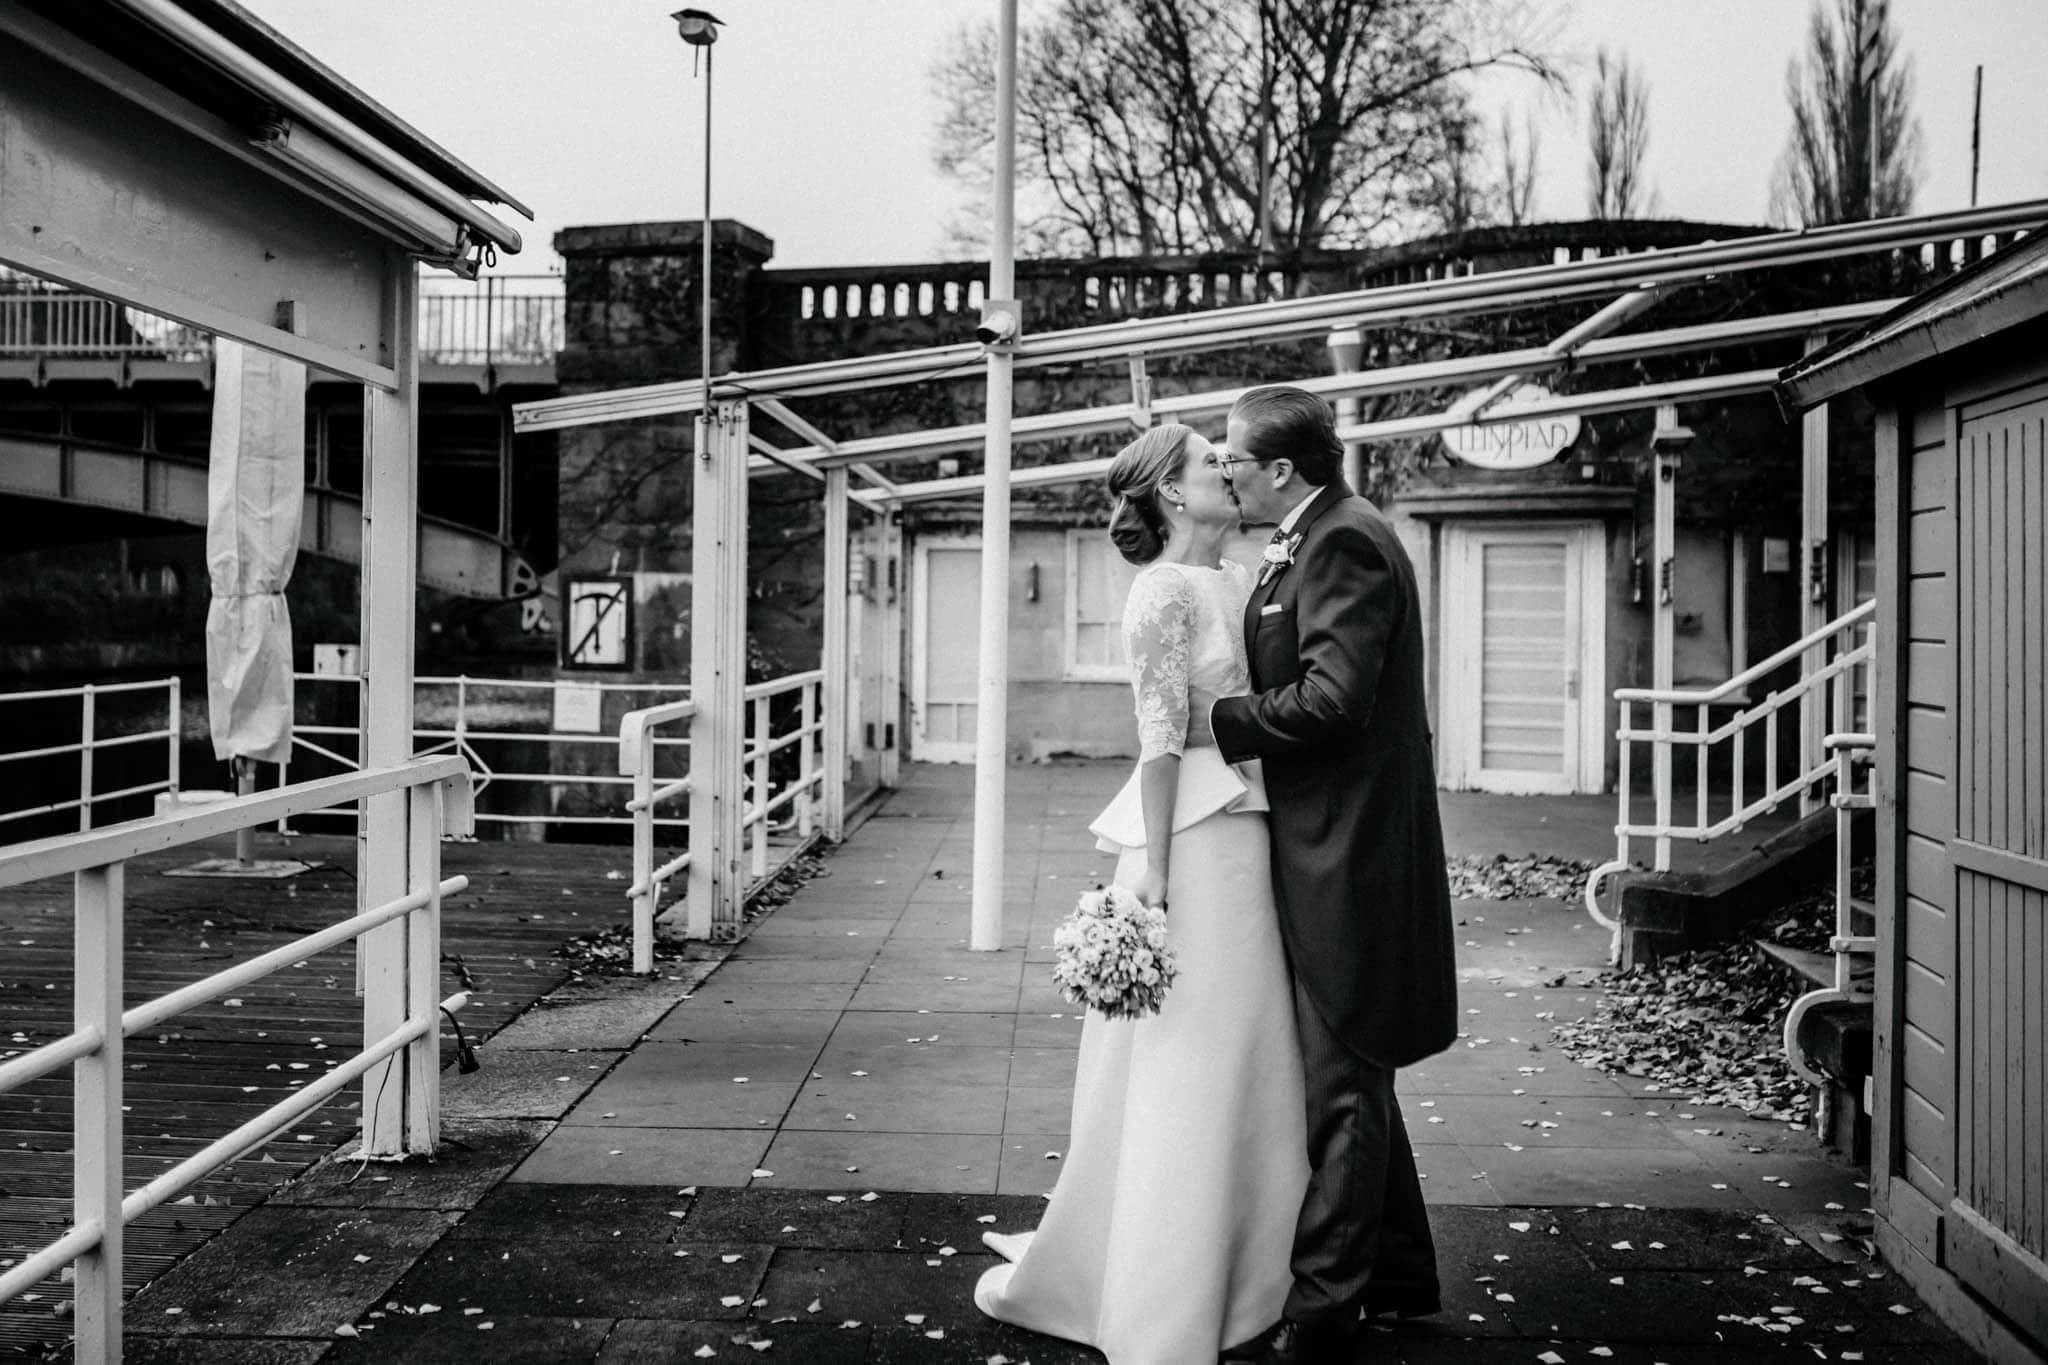 Hochzeitsfieber by Photo-Schomburg, Hochzeitsfotograf, Hamburg,Hochzeitstag, Hochzeitspaar, Braut, Bräutigam, Literaturhauscafe Hamburg-43